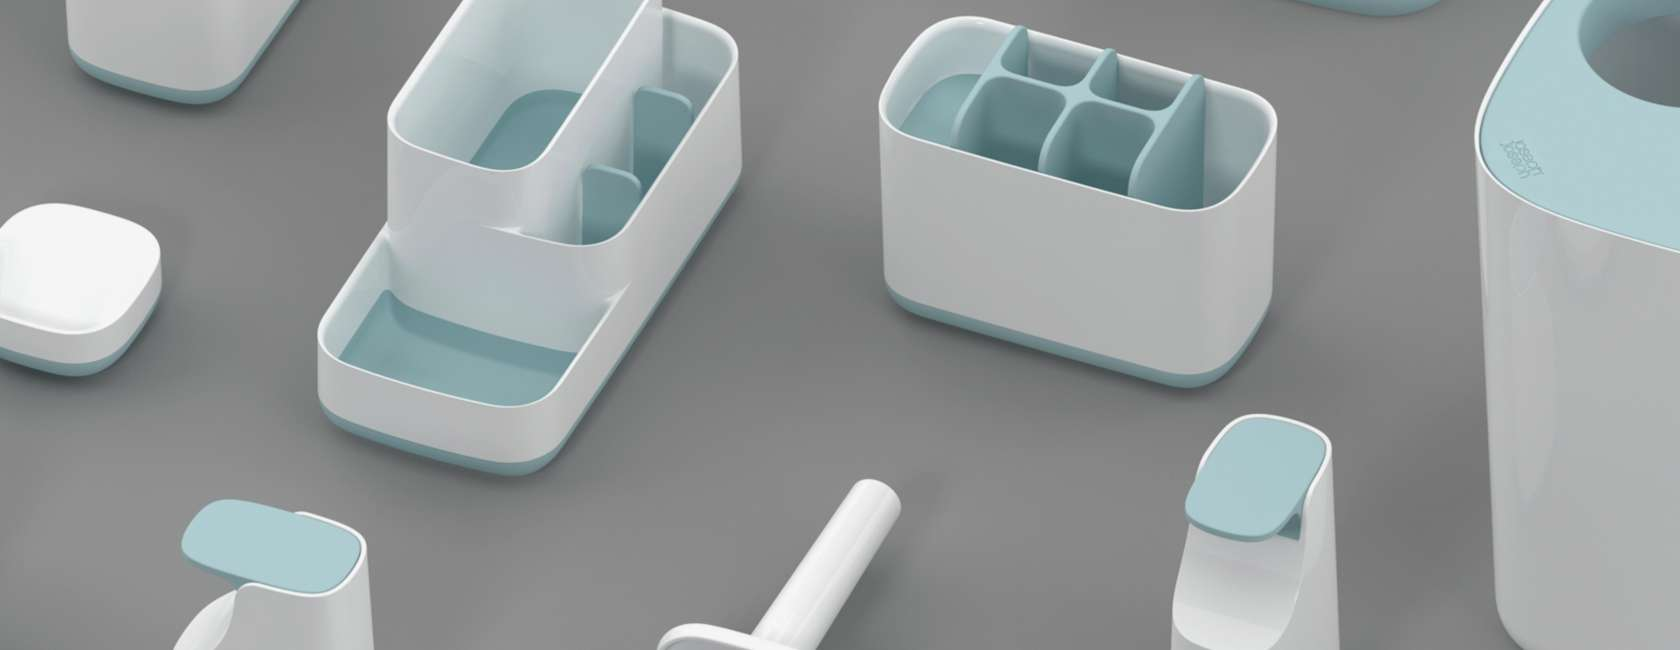 Bathroom Accessories.Joseph Joseph Bathroom Accessories